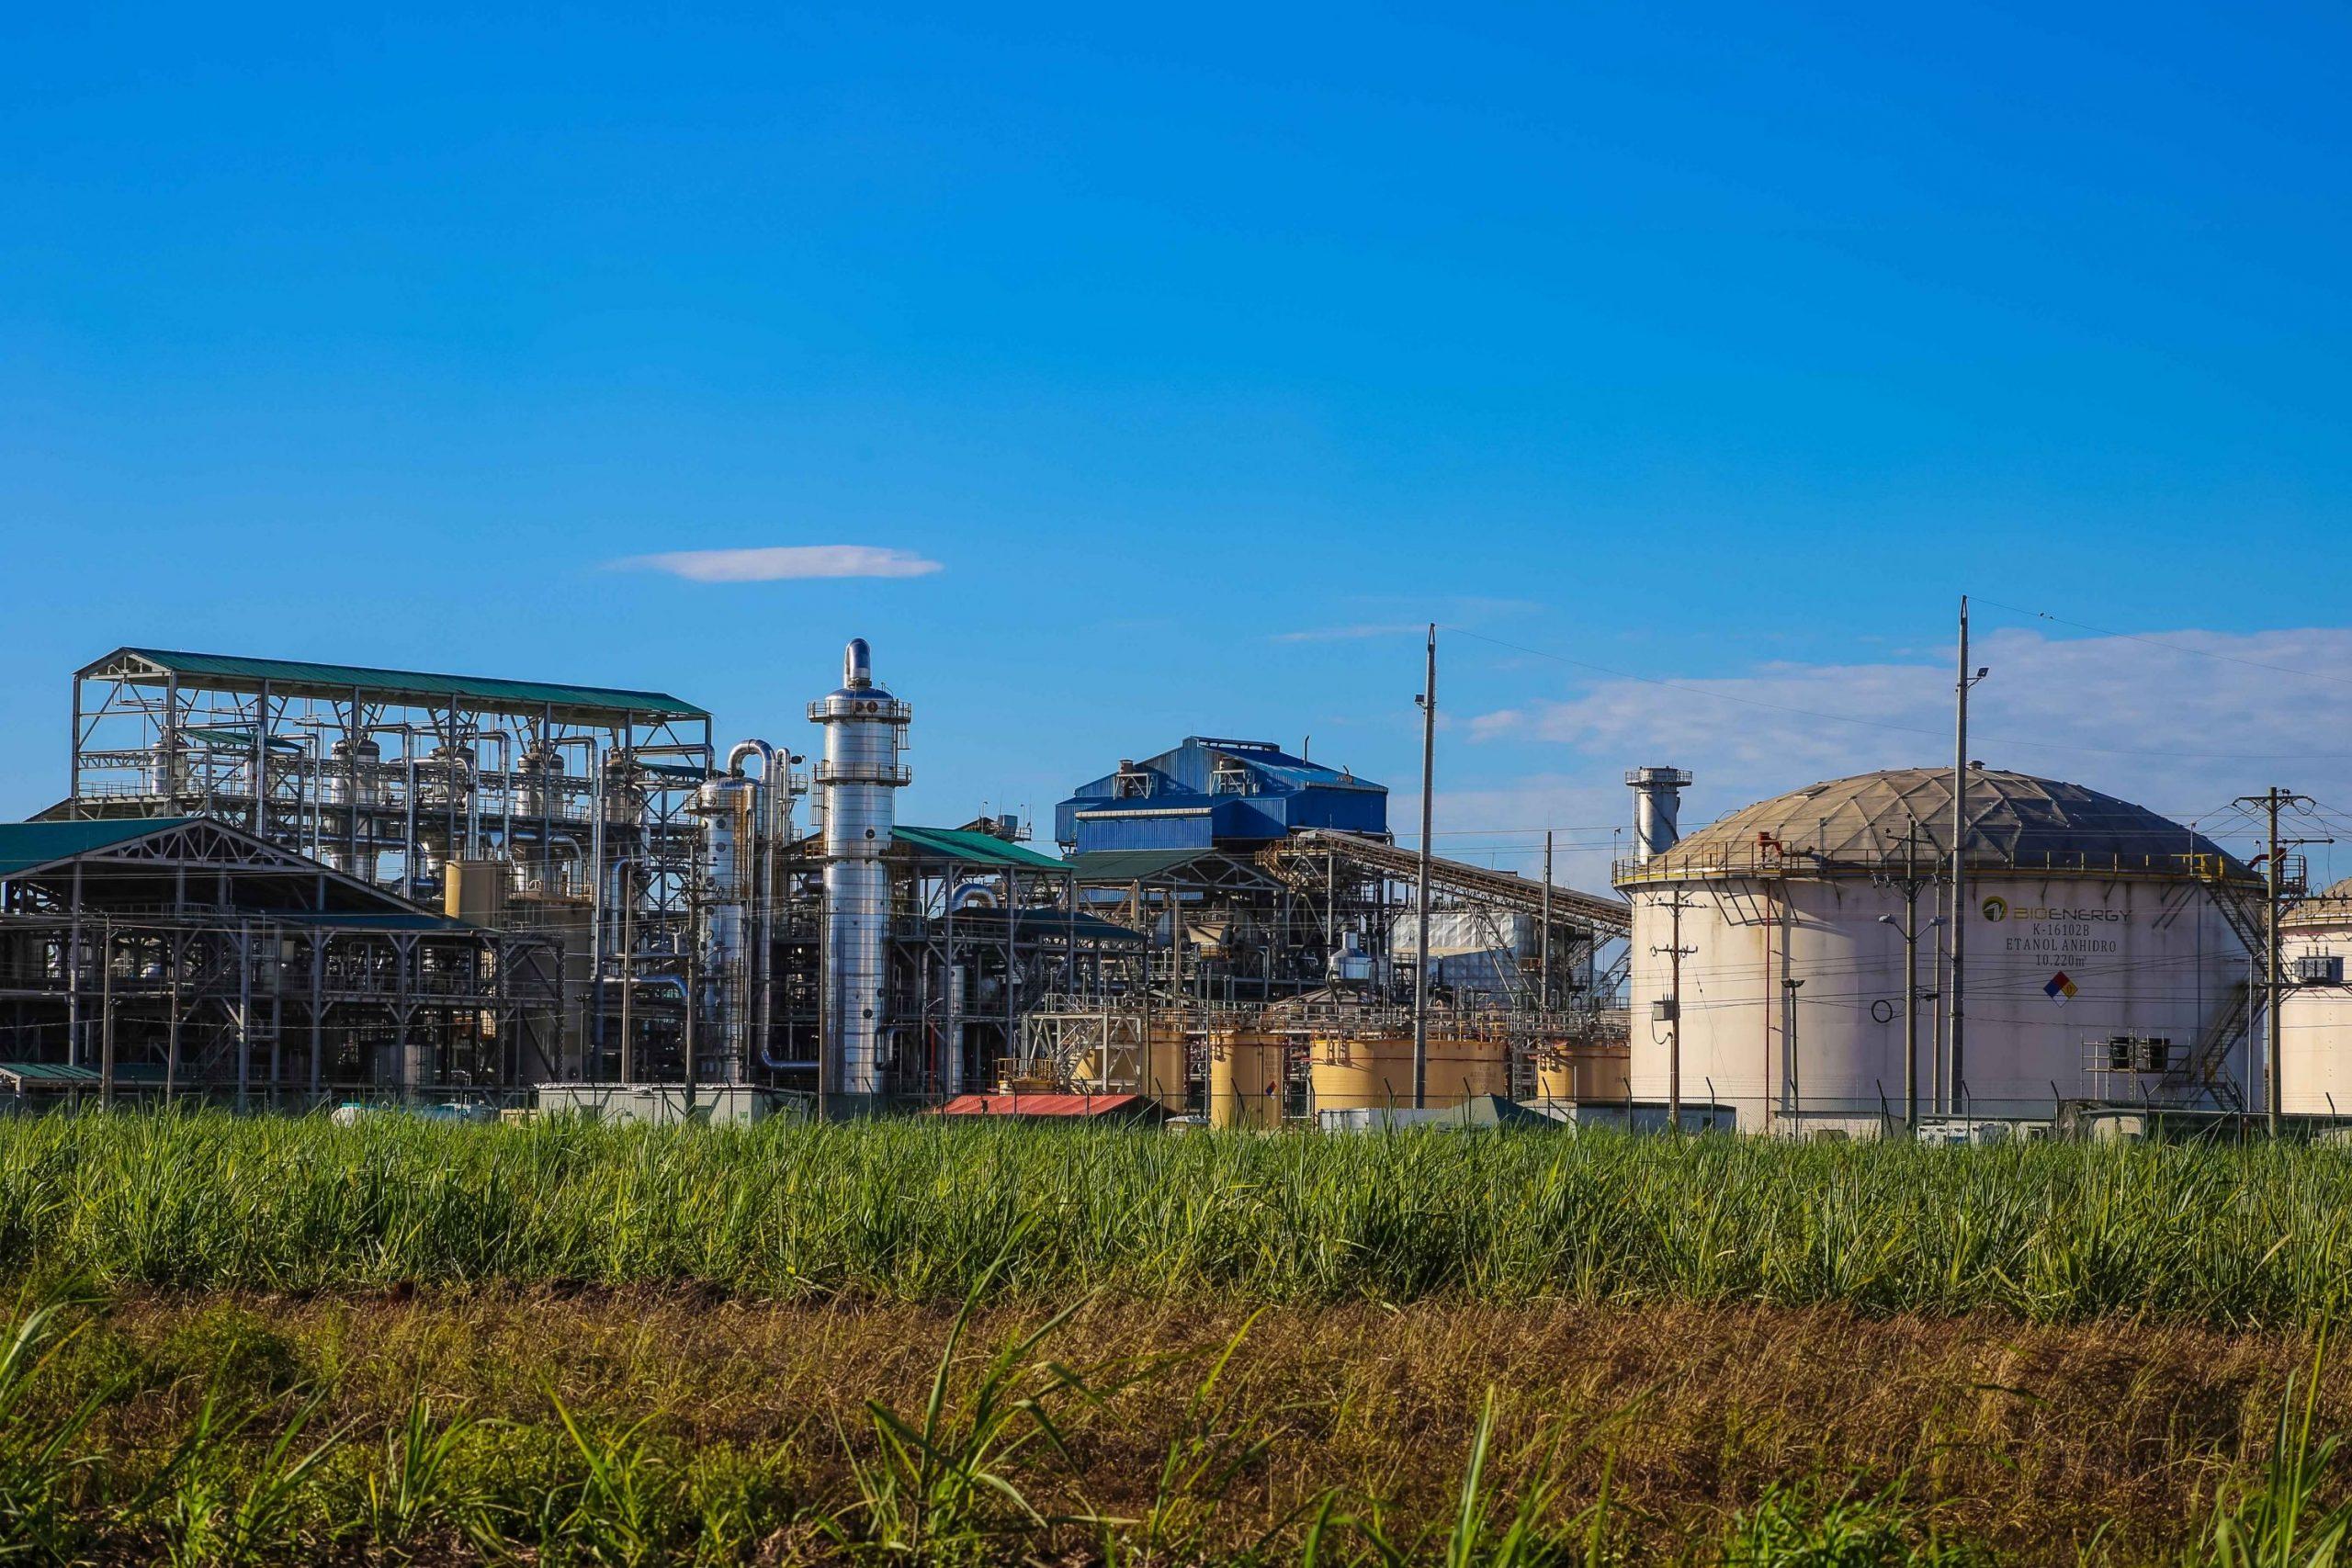 La liquidación de Bioenergy es reconocer el fracaso de Ecopetrol - 5bf850e1bf0bd-scaled